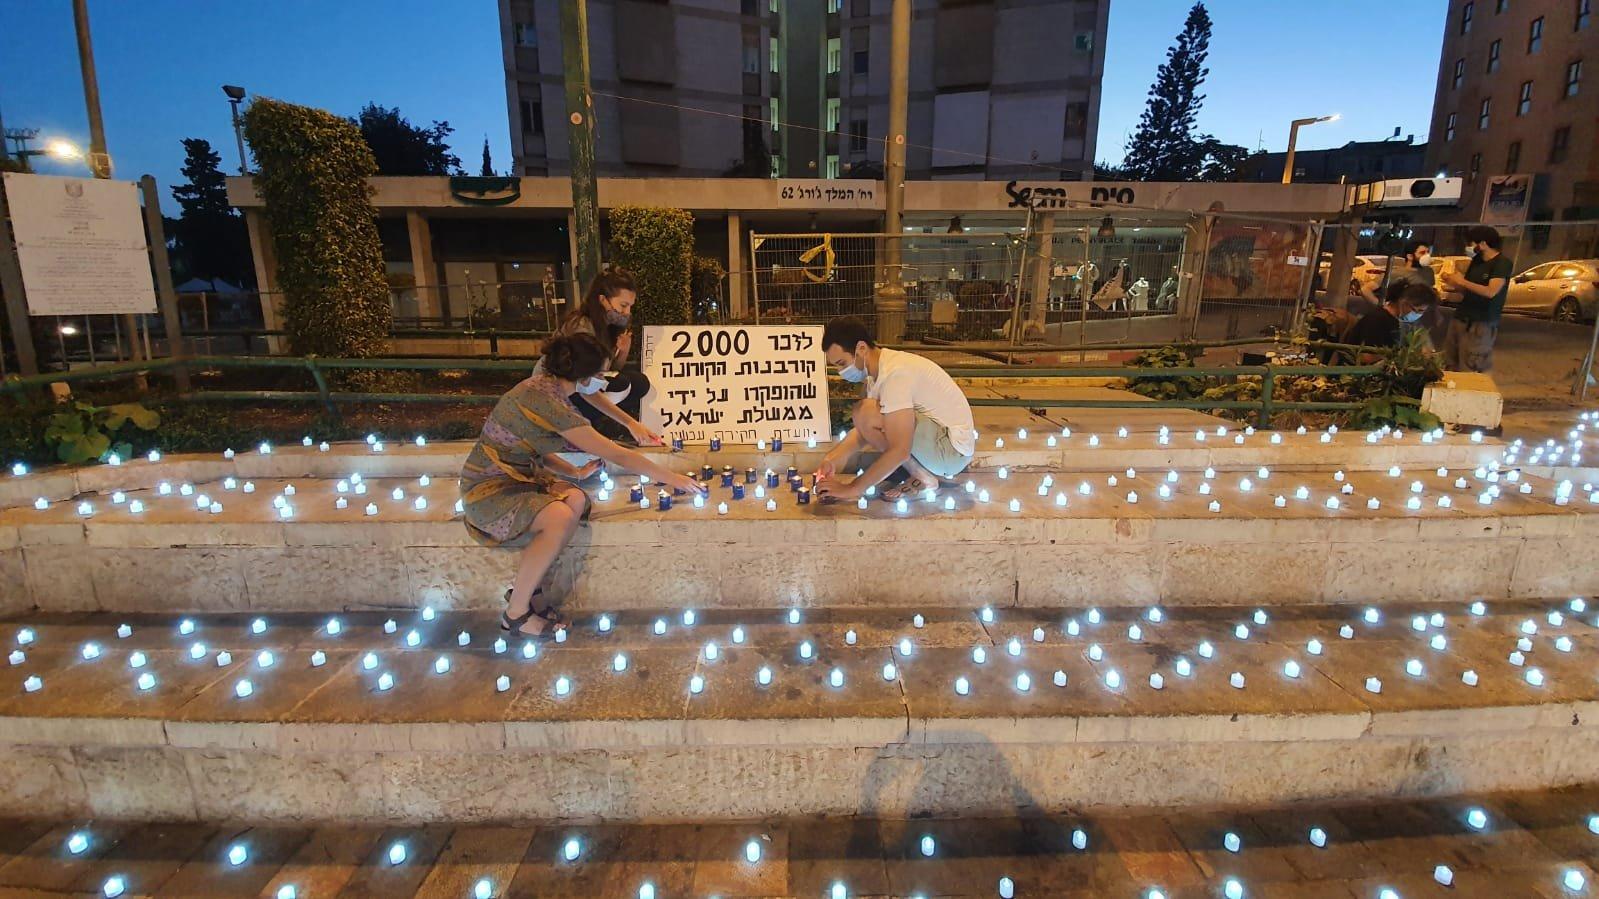 حركة دركينو- طريقنا تضيء 2000 شمعة ذكرى لوفيات الكورونا